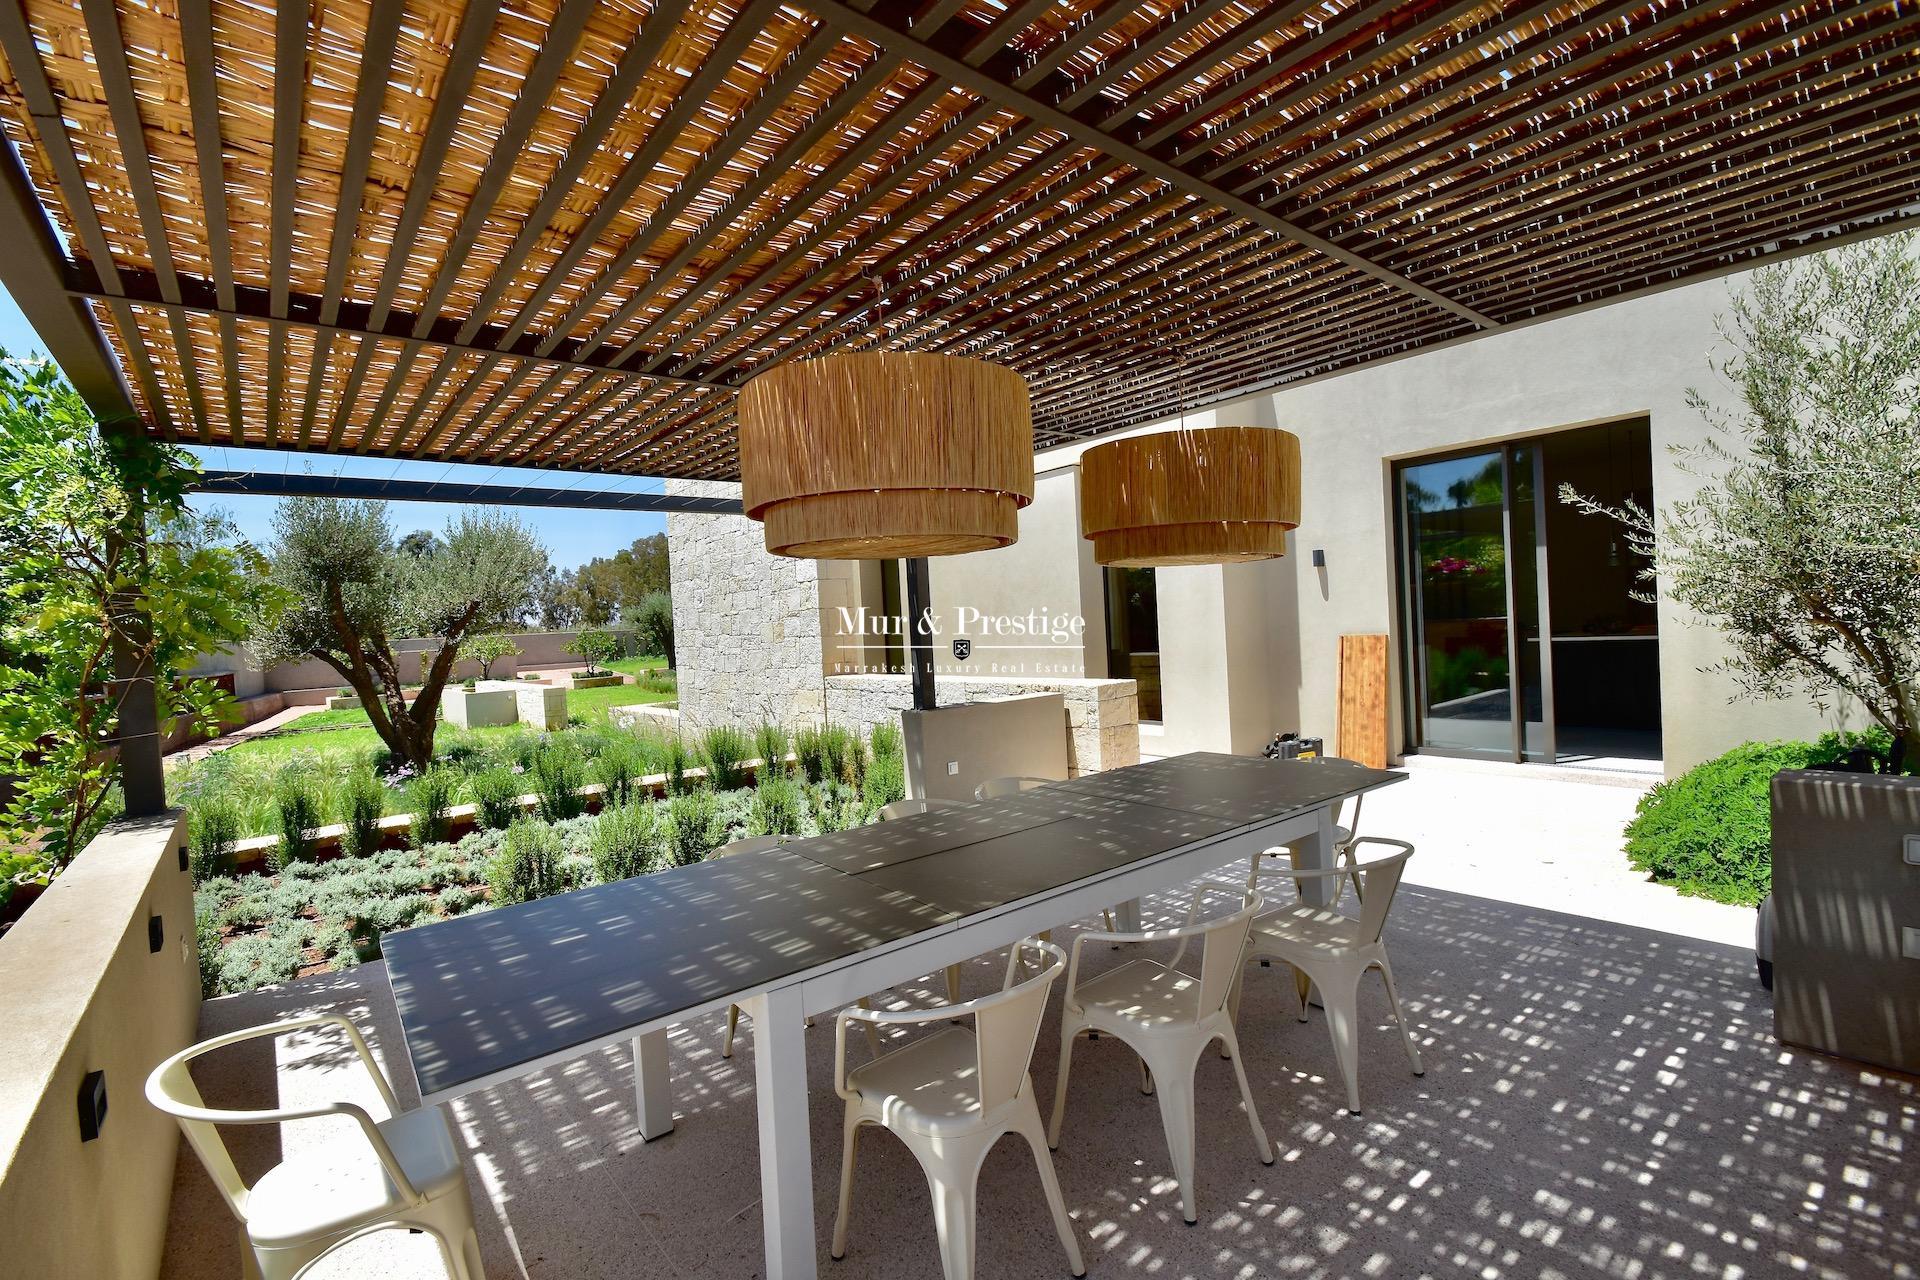 Agence immobilière à Marrakech - Villa d'architecte à vendre  - copie